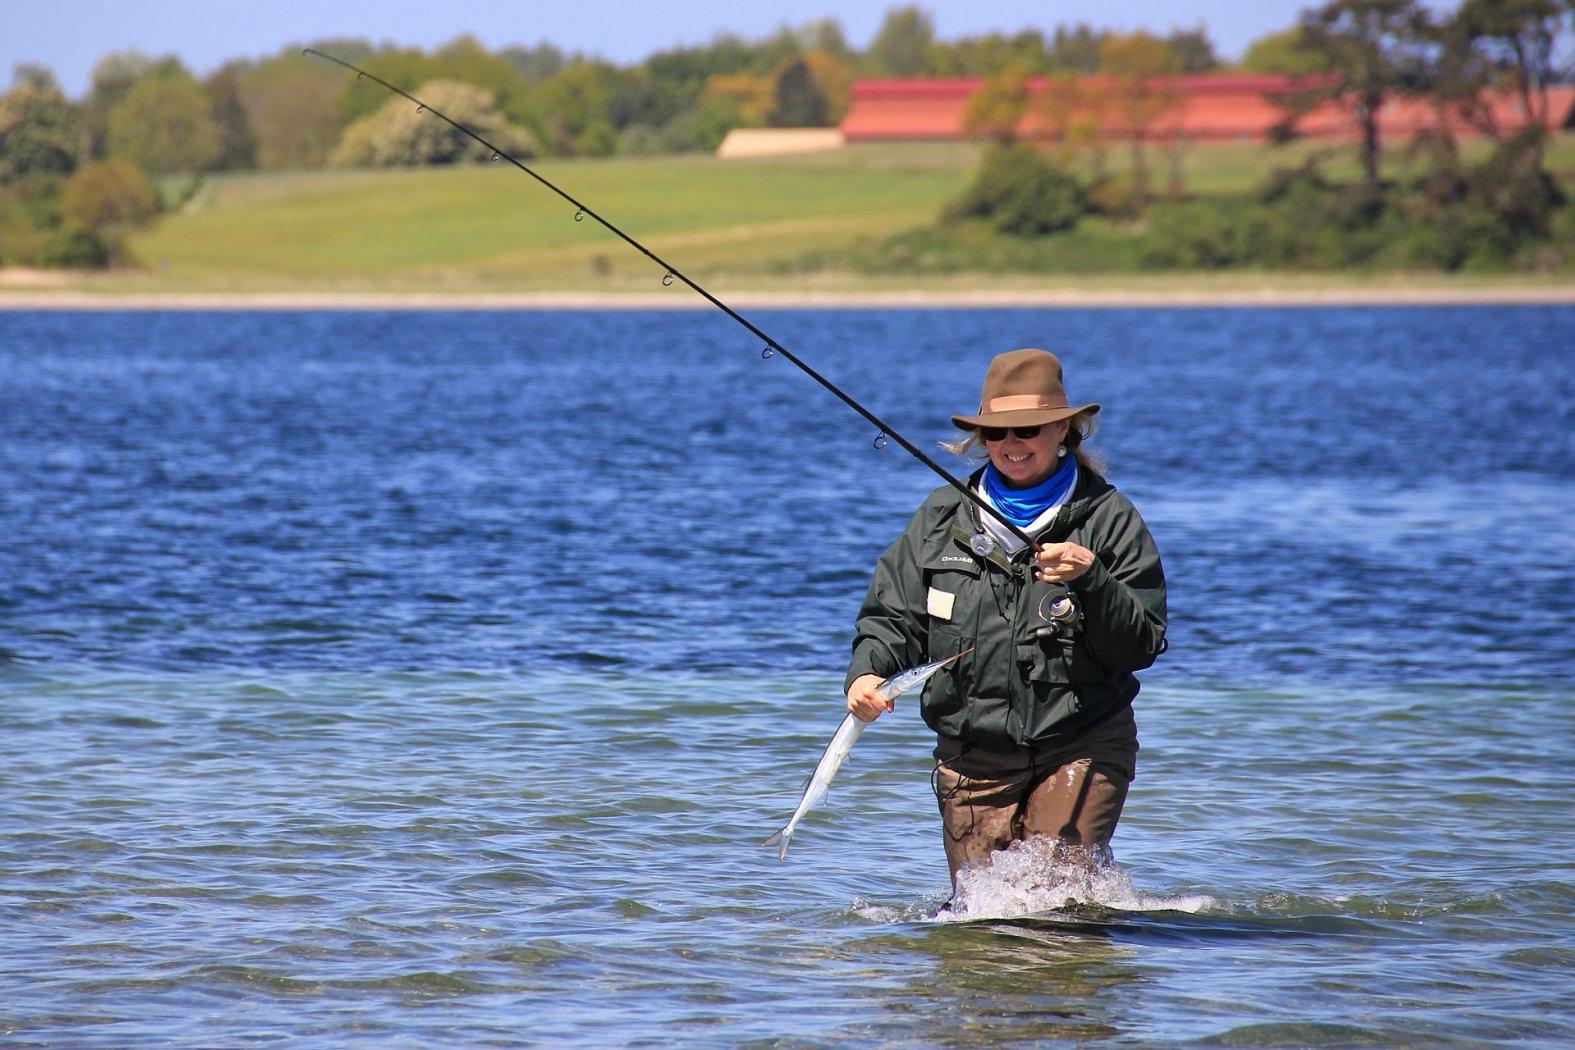 hornhecht angeln mit fischfetzen und wasserkugel